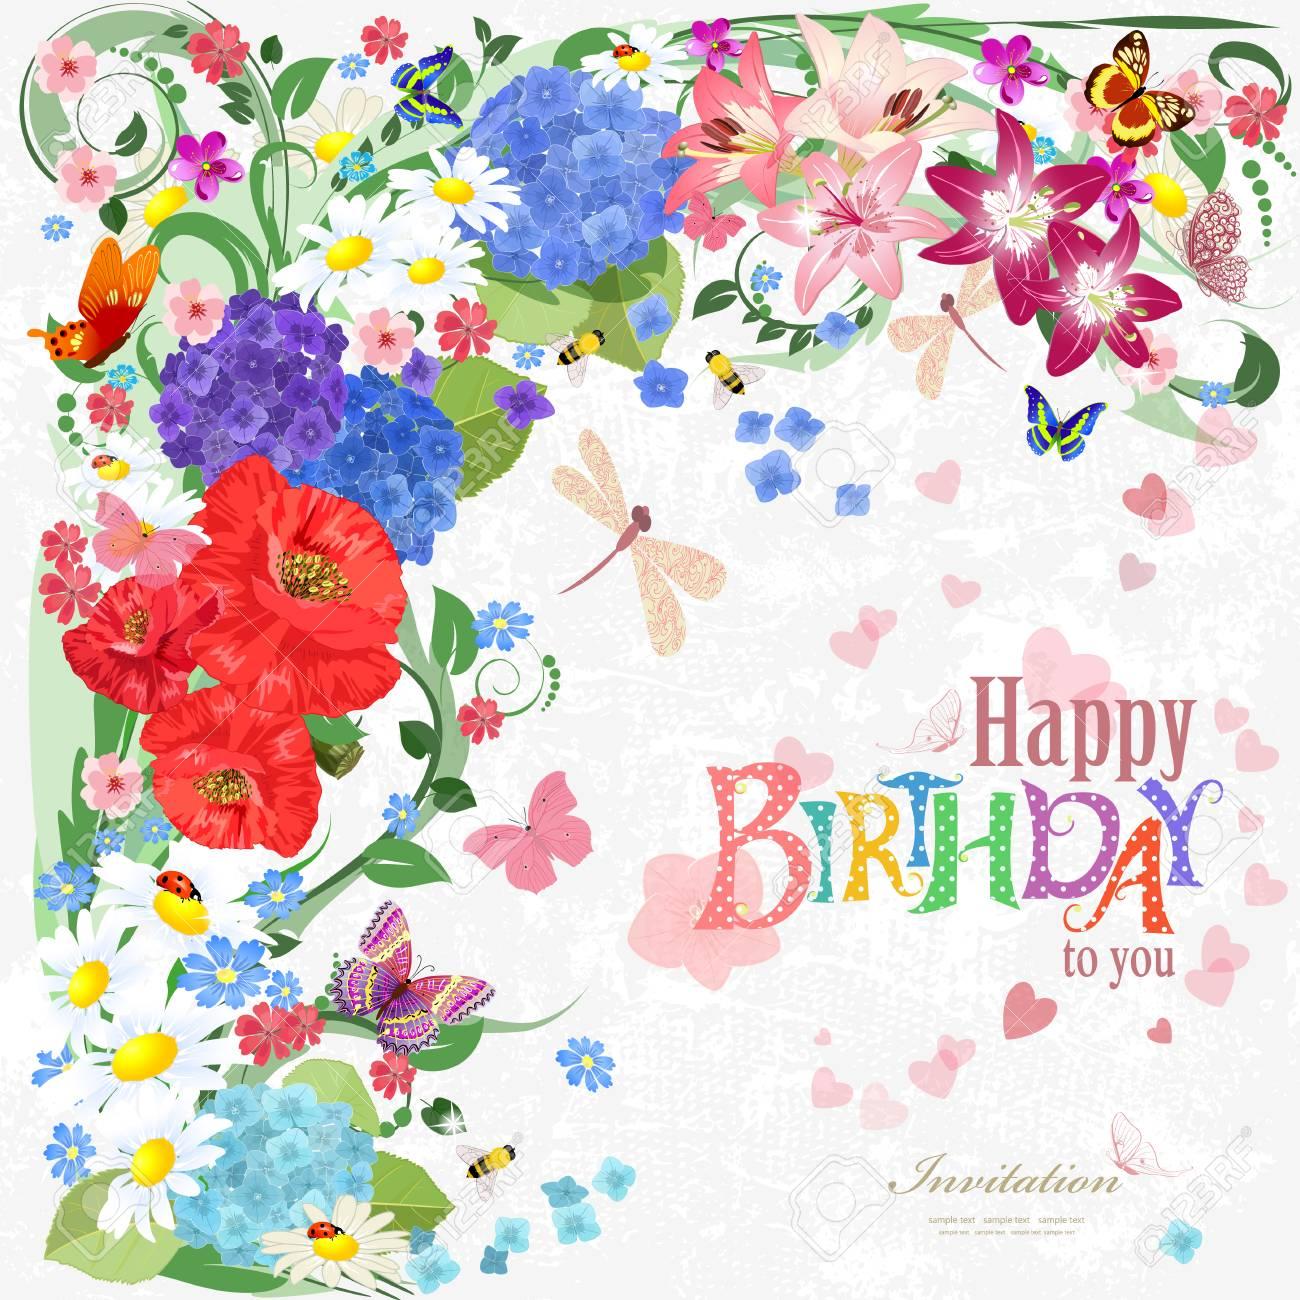 Tarjeta De Invitación Colorida Con Elementos Florales Para El Diseño Feliz Cumpleaños